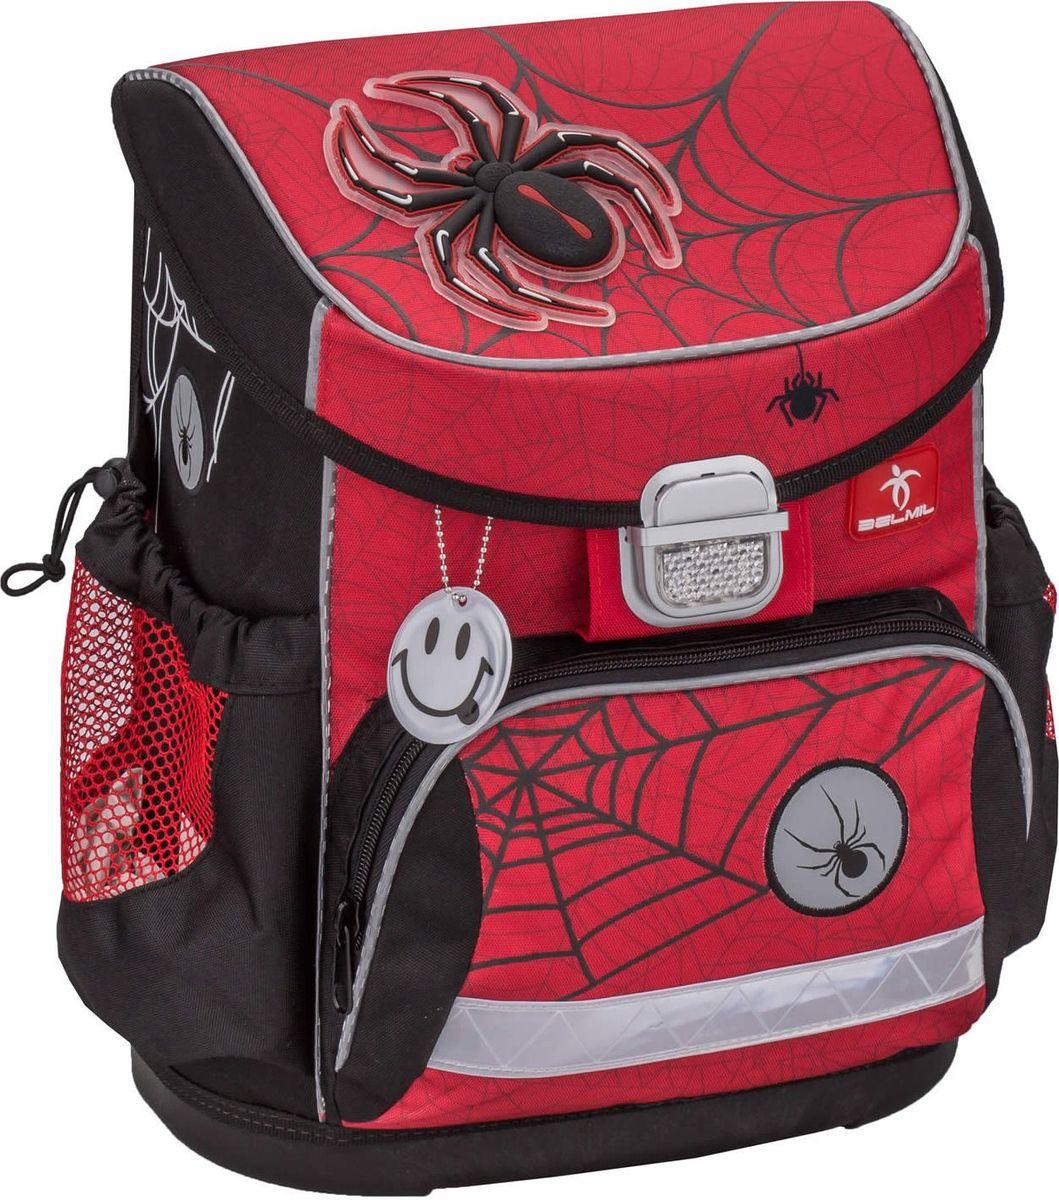 Belmil Ранец школьный Mini-Fit Spider72523WDШкольный ранец Belmil Mini-Fit Spider выполнен с анатомической спинкой. Анатомическая спинка повторяет строение позвоночника ребенка и существенно снижает нагрузку. Вес равномерно распределен по всей спине. Мягкая прокладка из воздухопроницаемой ткани с сетчатой структурой и специальным рельефом надежно предотвращает запотевание спины ребенка. Широкие и мягкие регулируемые лямки из материала с «эффектом памяти» запоминают параметры после того, как ребенок подстроит ранец под себя и при надевании ранца снова четко повторяют прежние контуры.Регулируемый по росту нагрудный фиксатор. Устойчивое пластиковое дно надежно защищает содержимое ранца от намокания. Металлический замок выполнен со светоотражателем. Светоотражающие элементы по периметру ранца повышают безопасность ребенка на дороге в темное время суток. Школьный ранец Belmil выполнен в современном эргономичном дизайне.